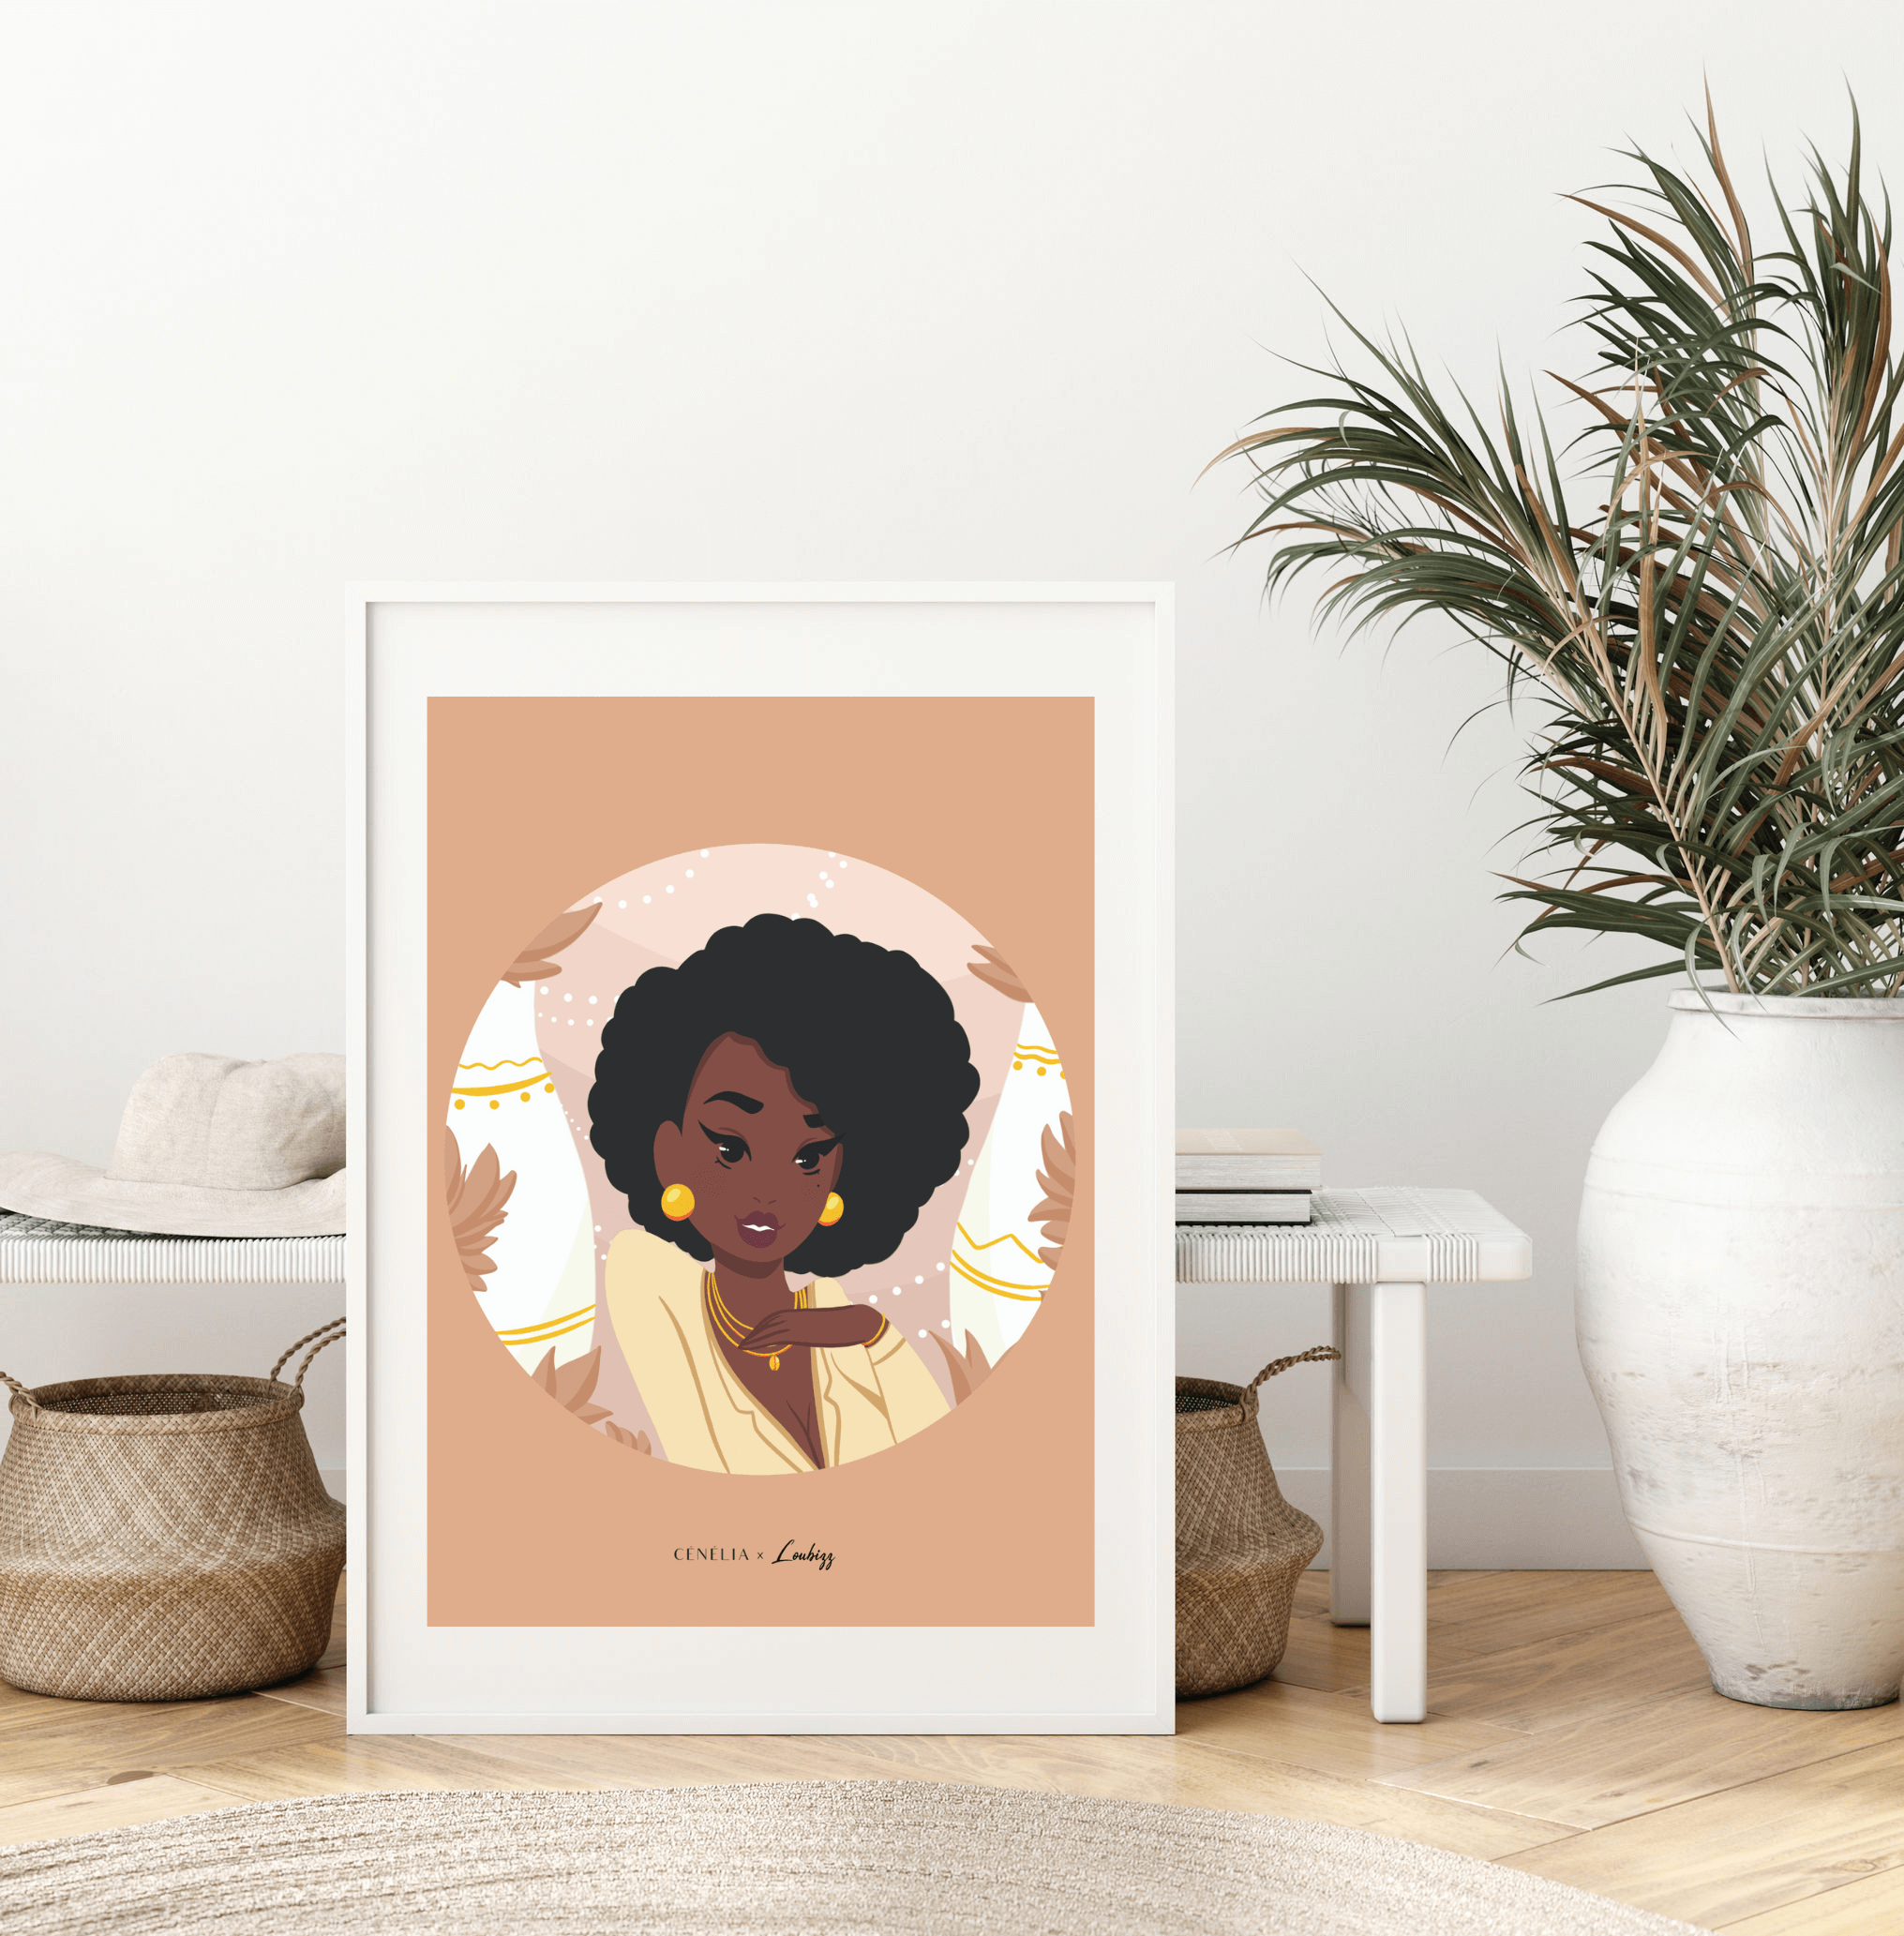 Affiche déco tendance | Poster femmes du monde | Poster fille des îles | Poster femme | Affiche femme antillaise | Cénélia